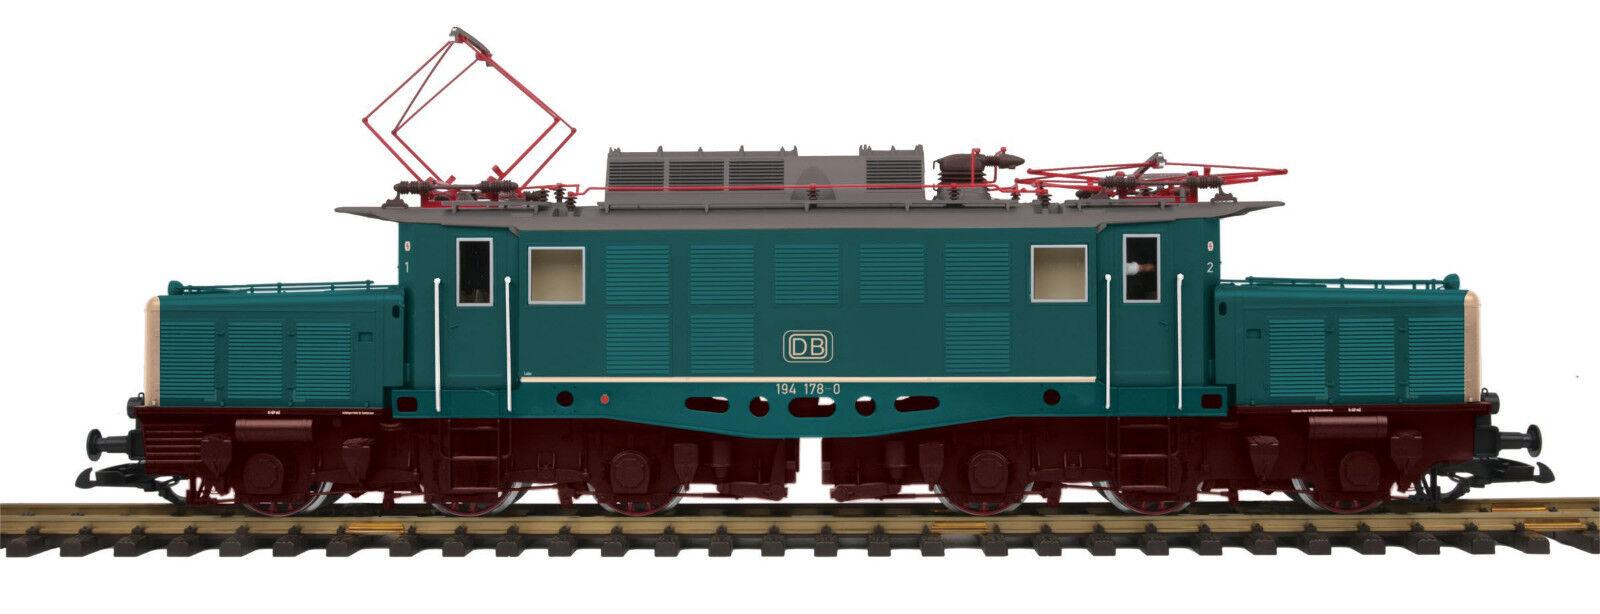 MTH  O  Gauge E94 Crocodile German DB Electric 3 Rail w/DCC,Sound 20-5674-1